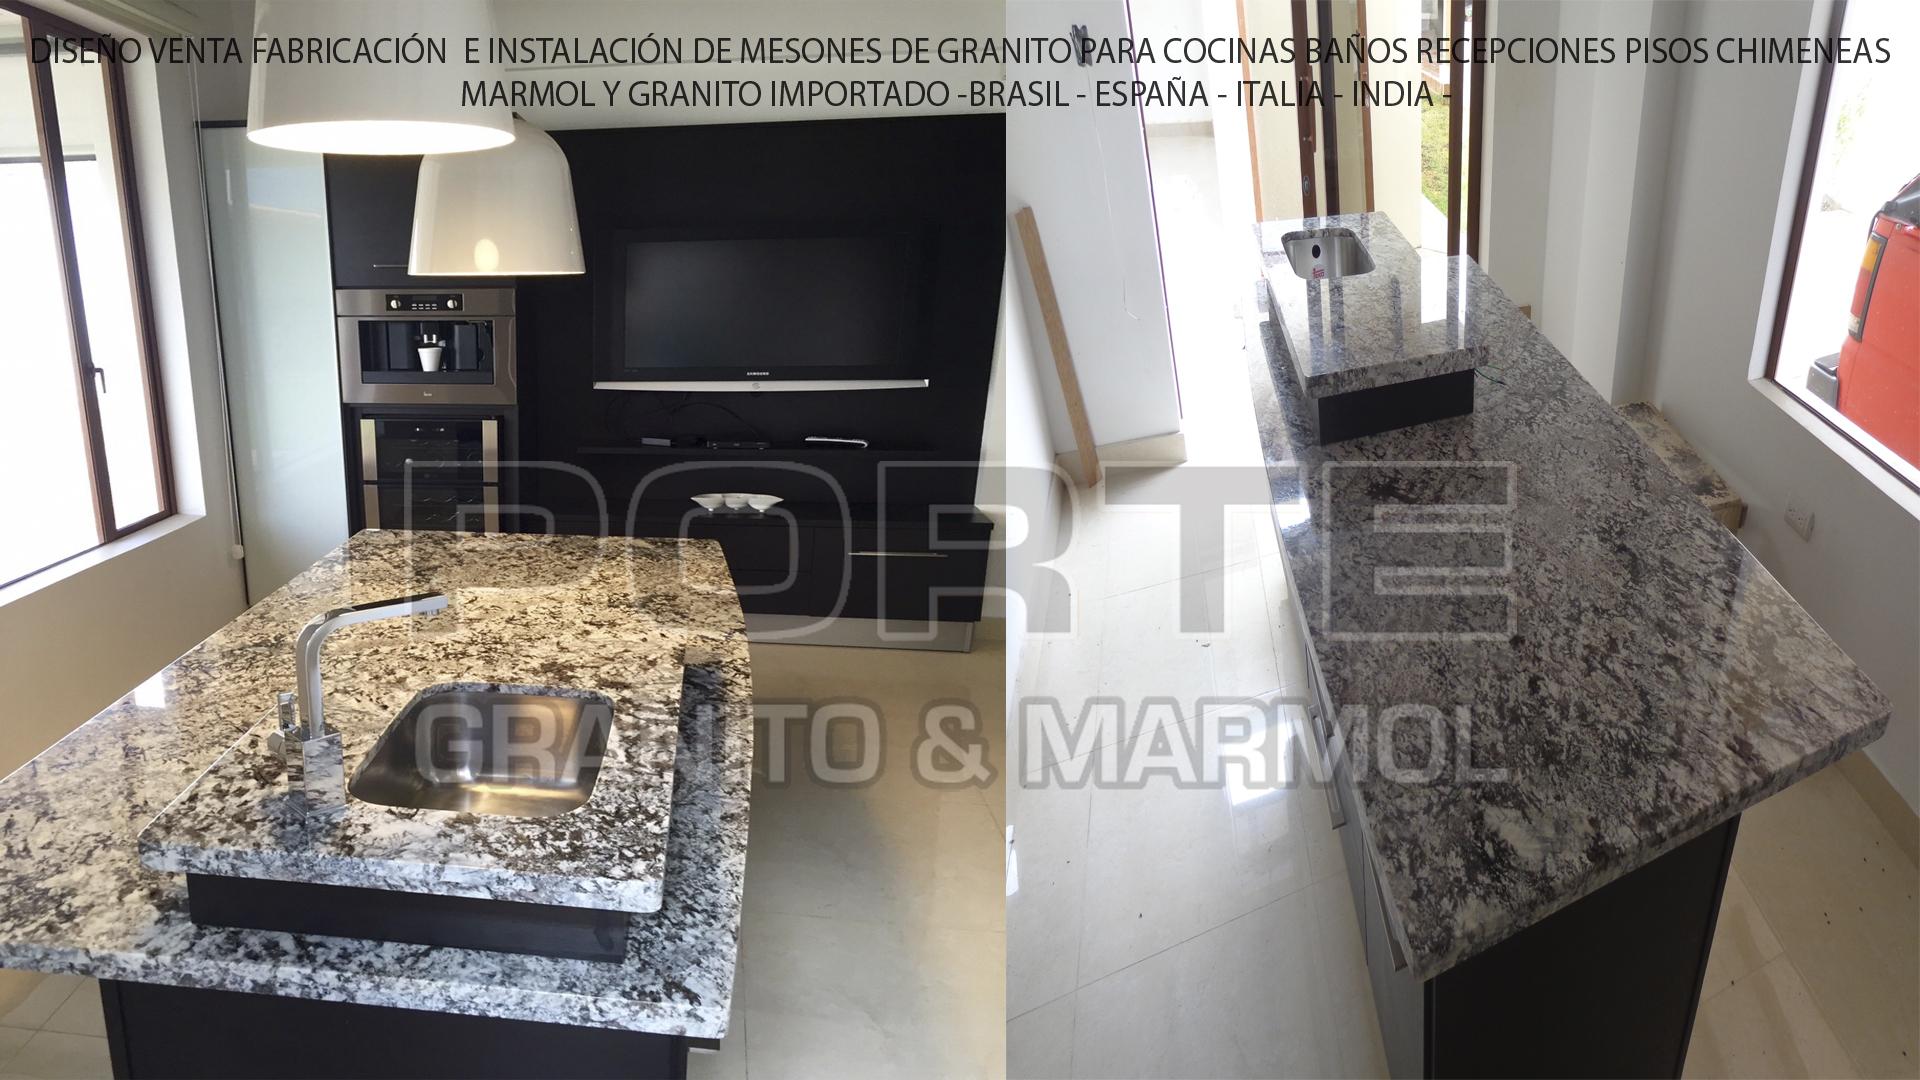 Fabricacion de mesones de marmol y granito - Marmol y granito ...